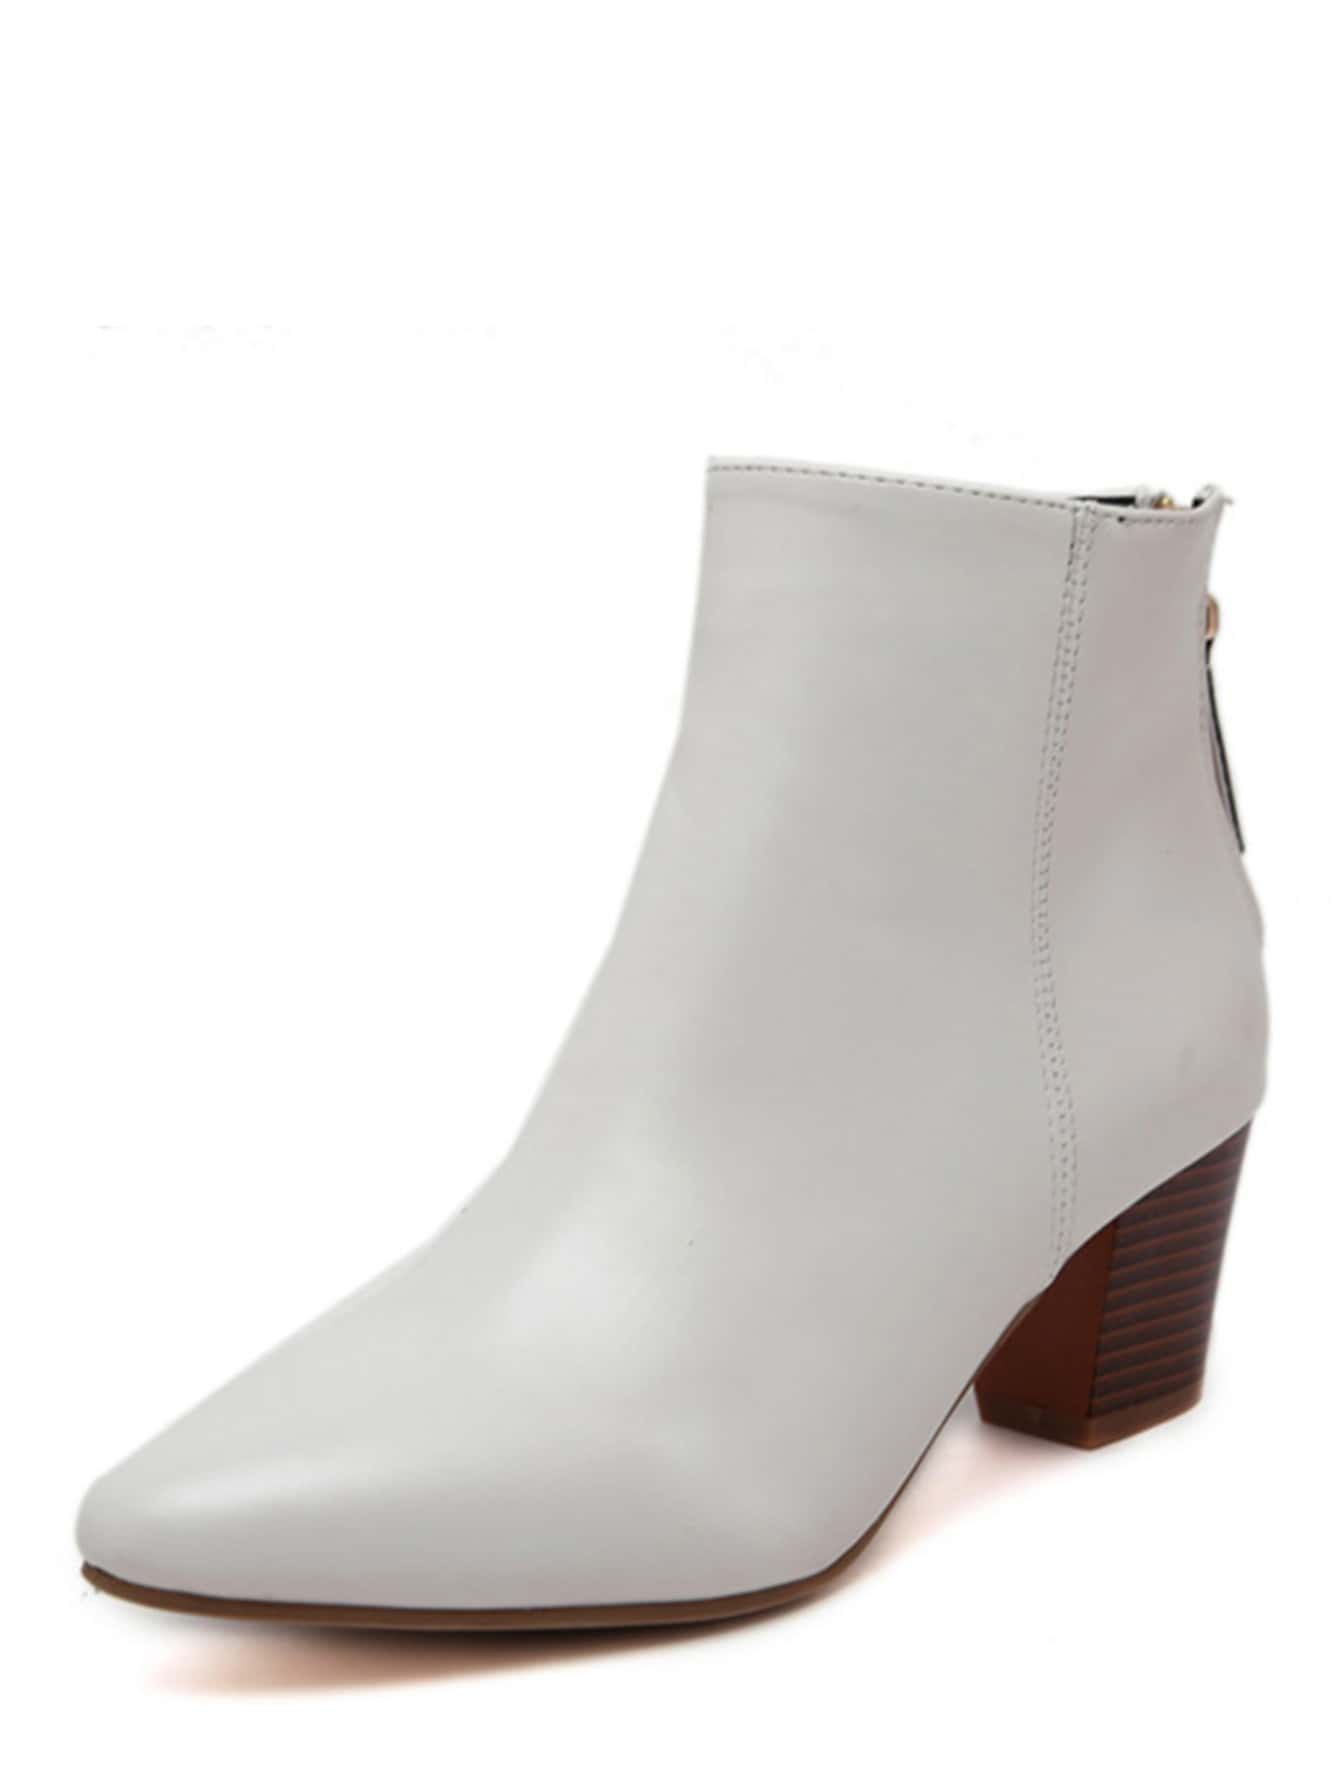 shoes161111807_2